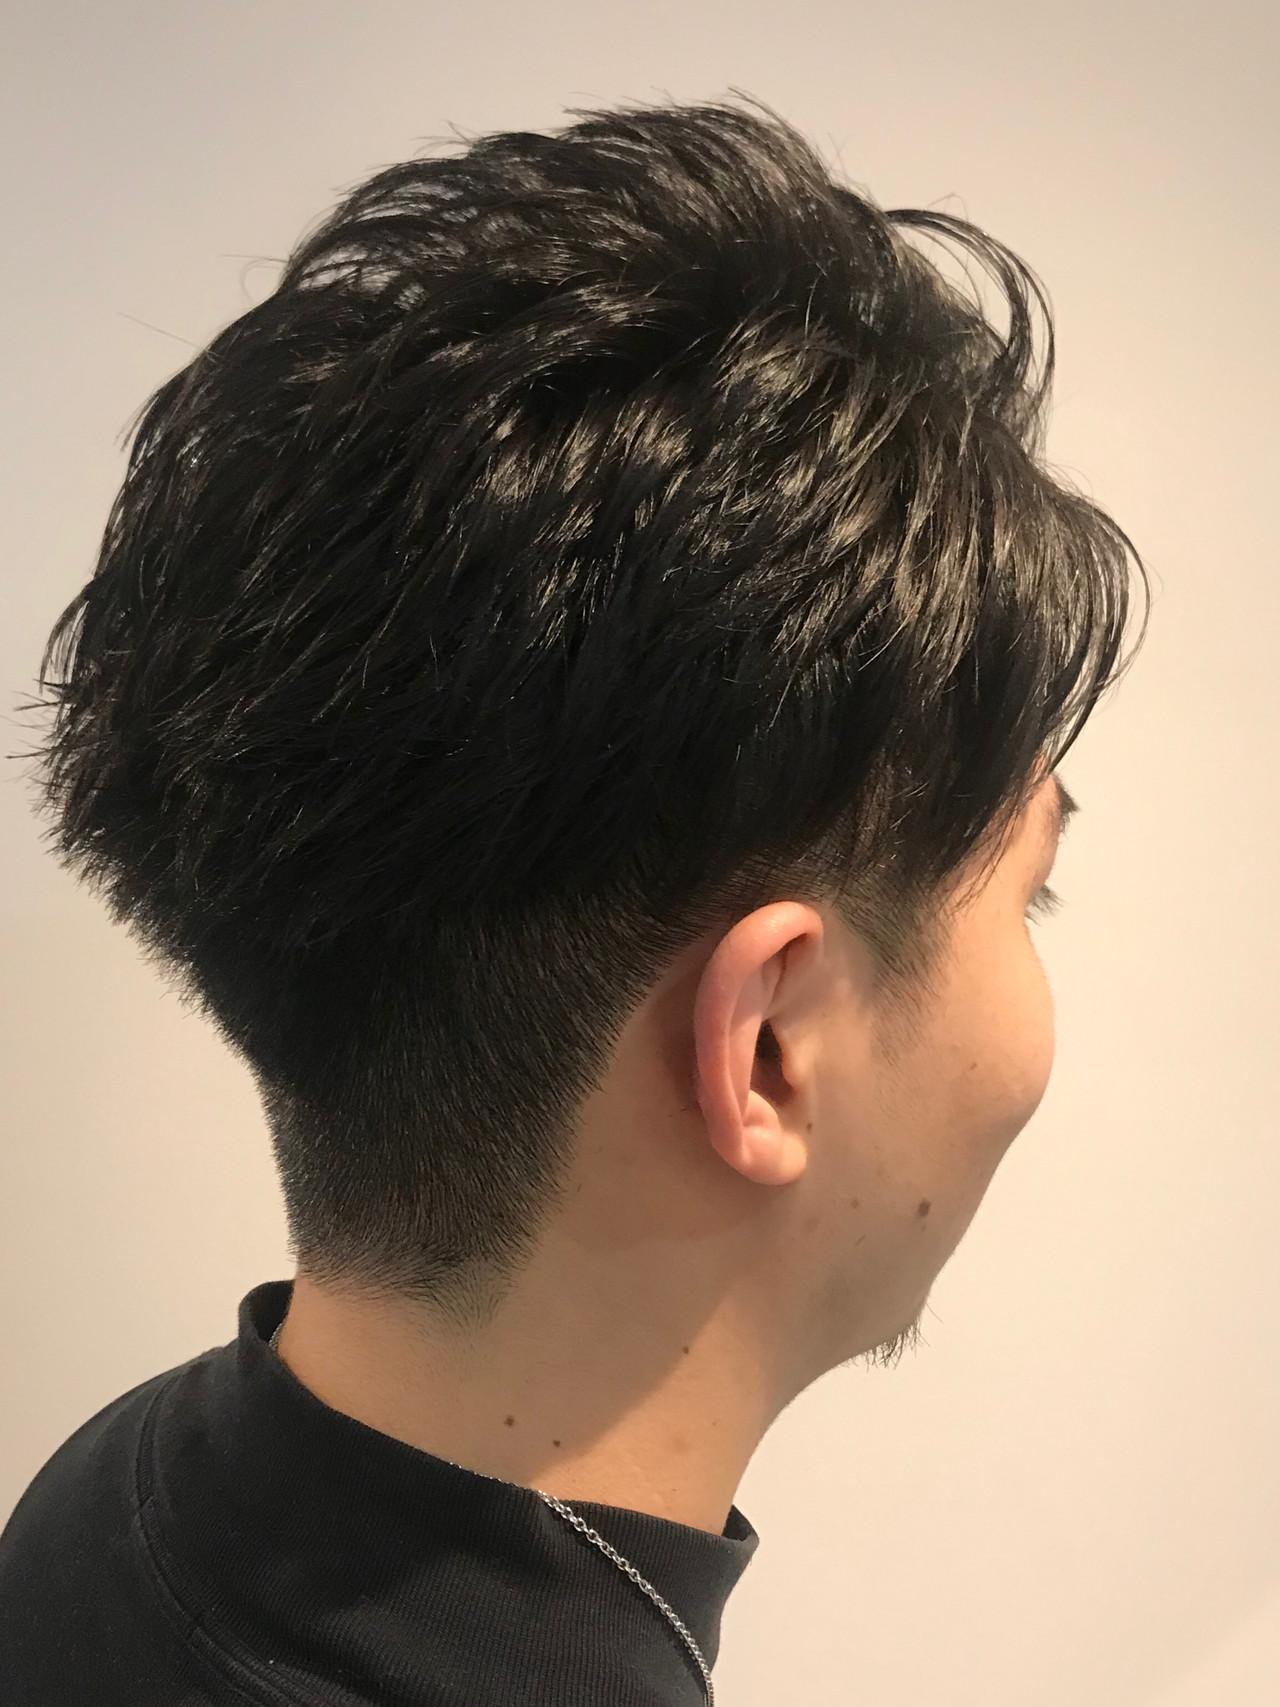 ストリート メンズ メンズカット 刈り上げ ヘアスタイルや髪型の写真・画像   神 里奈 / Zina新宿店